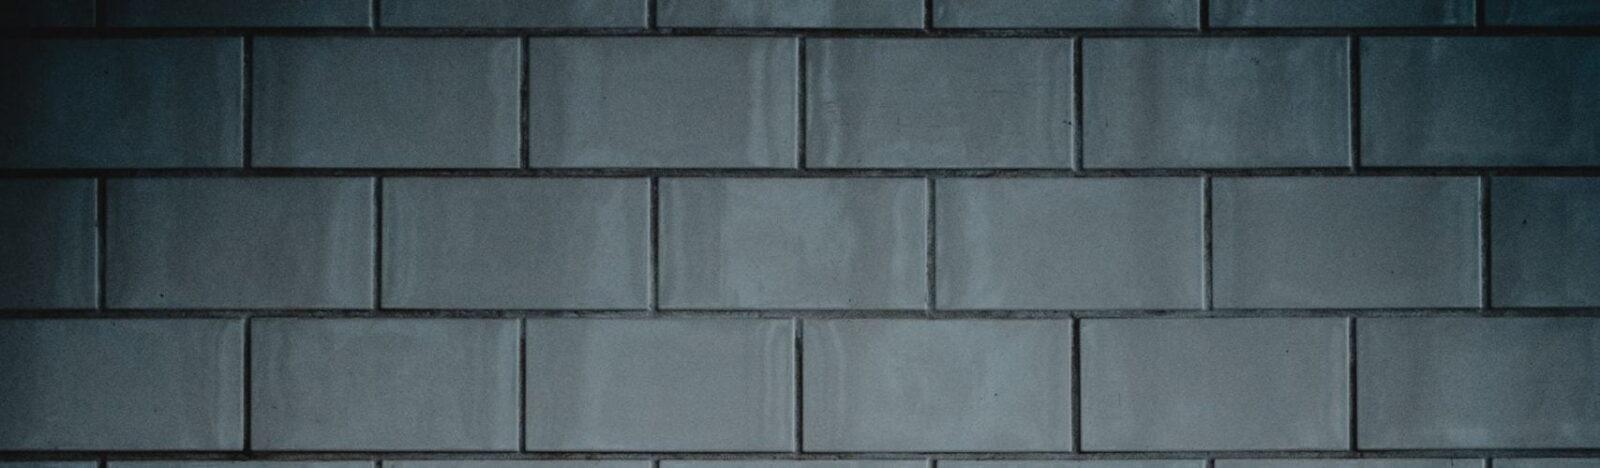 Уход за керамической плиткой - Greencleaning.by